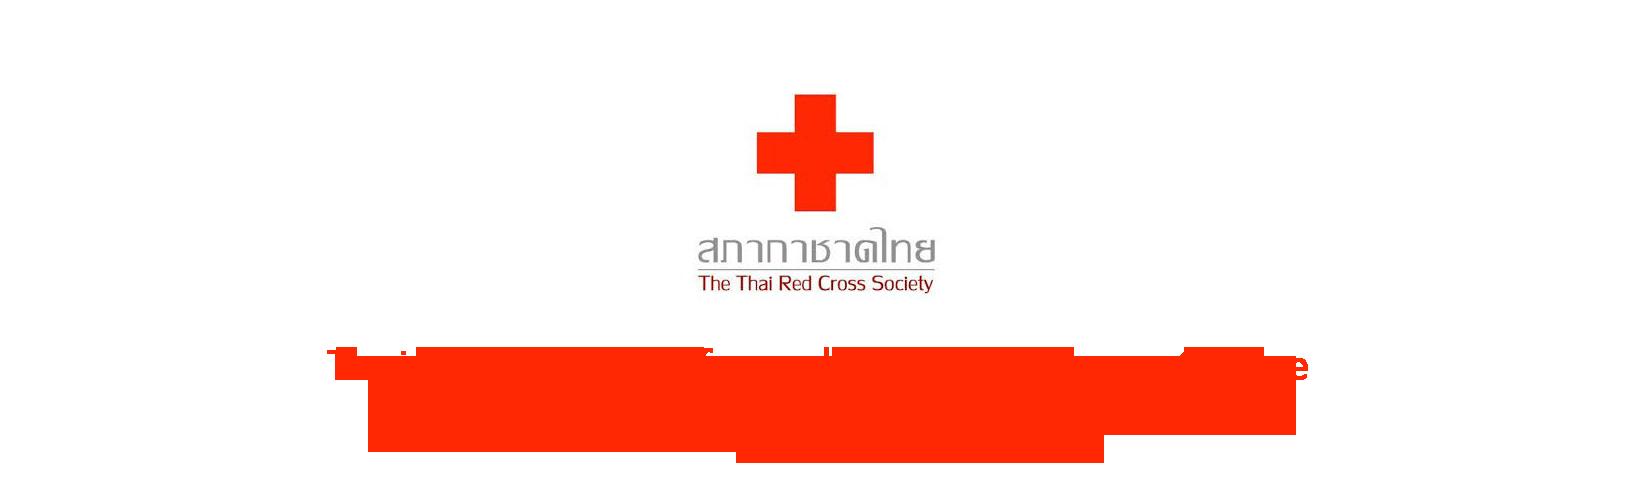 ThaiIT1635x497